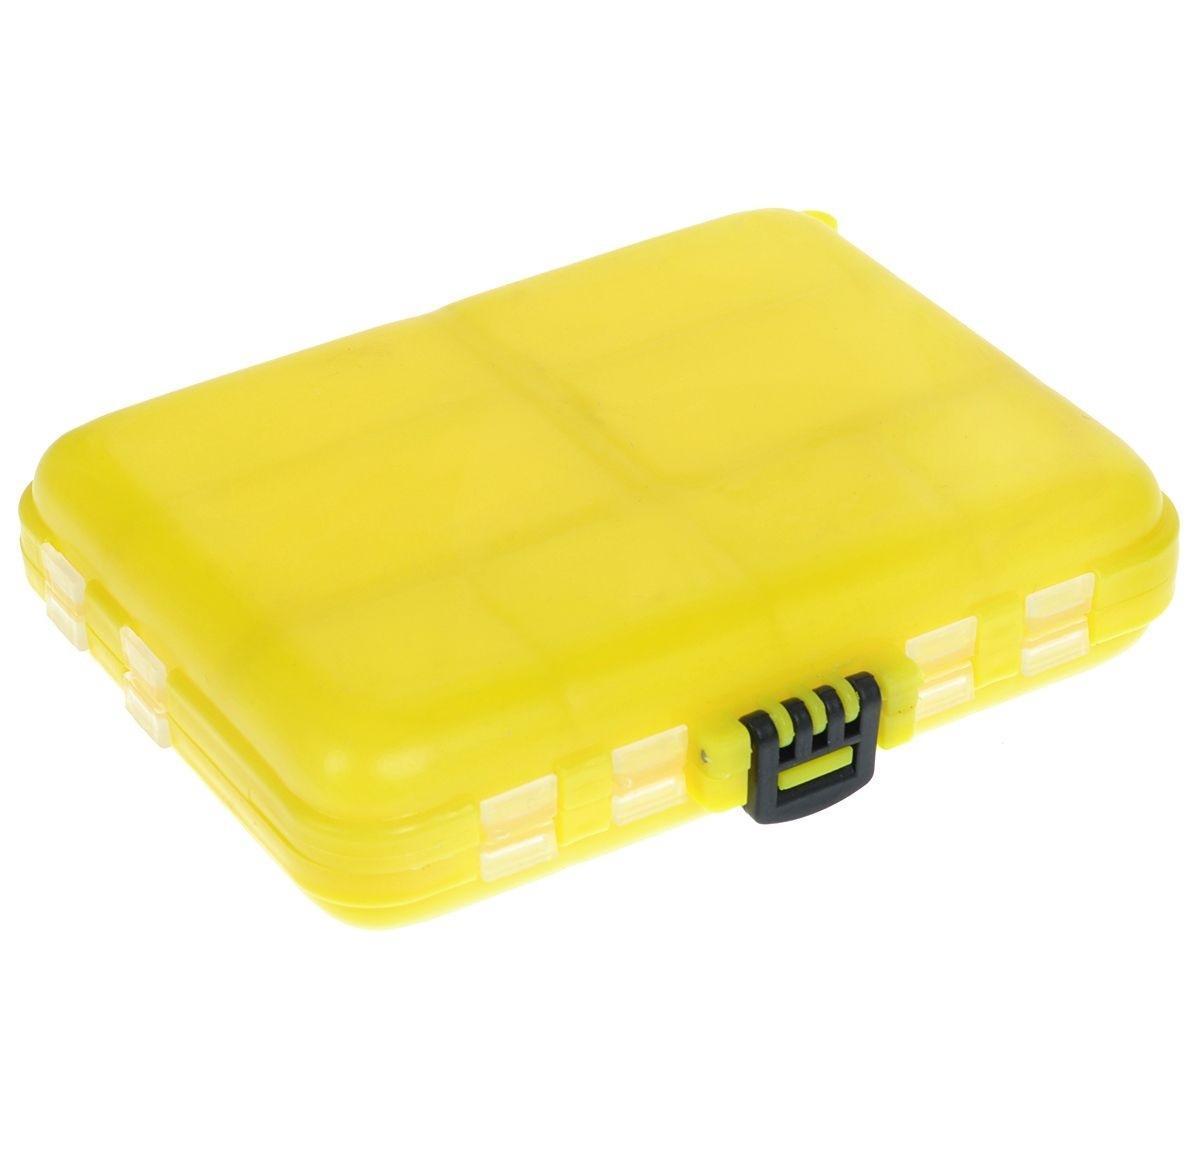 Органайзер для мелочей, двухсторонний, цвет: желтый, 12 х 10 х 3 см4271825Удобная пластиковая коробка Три китапрекрасно подойдет для хранения и транспортировки различных мелочей. Коробка имеет 16 фиксированных отделений. Удобный и надежный замок-защелка обеспечивает надежное закрывание коробки. Такая коробка поможет держать вещи в порядке.